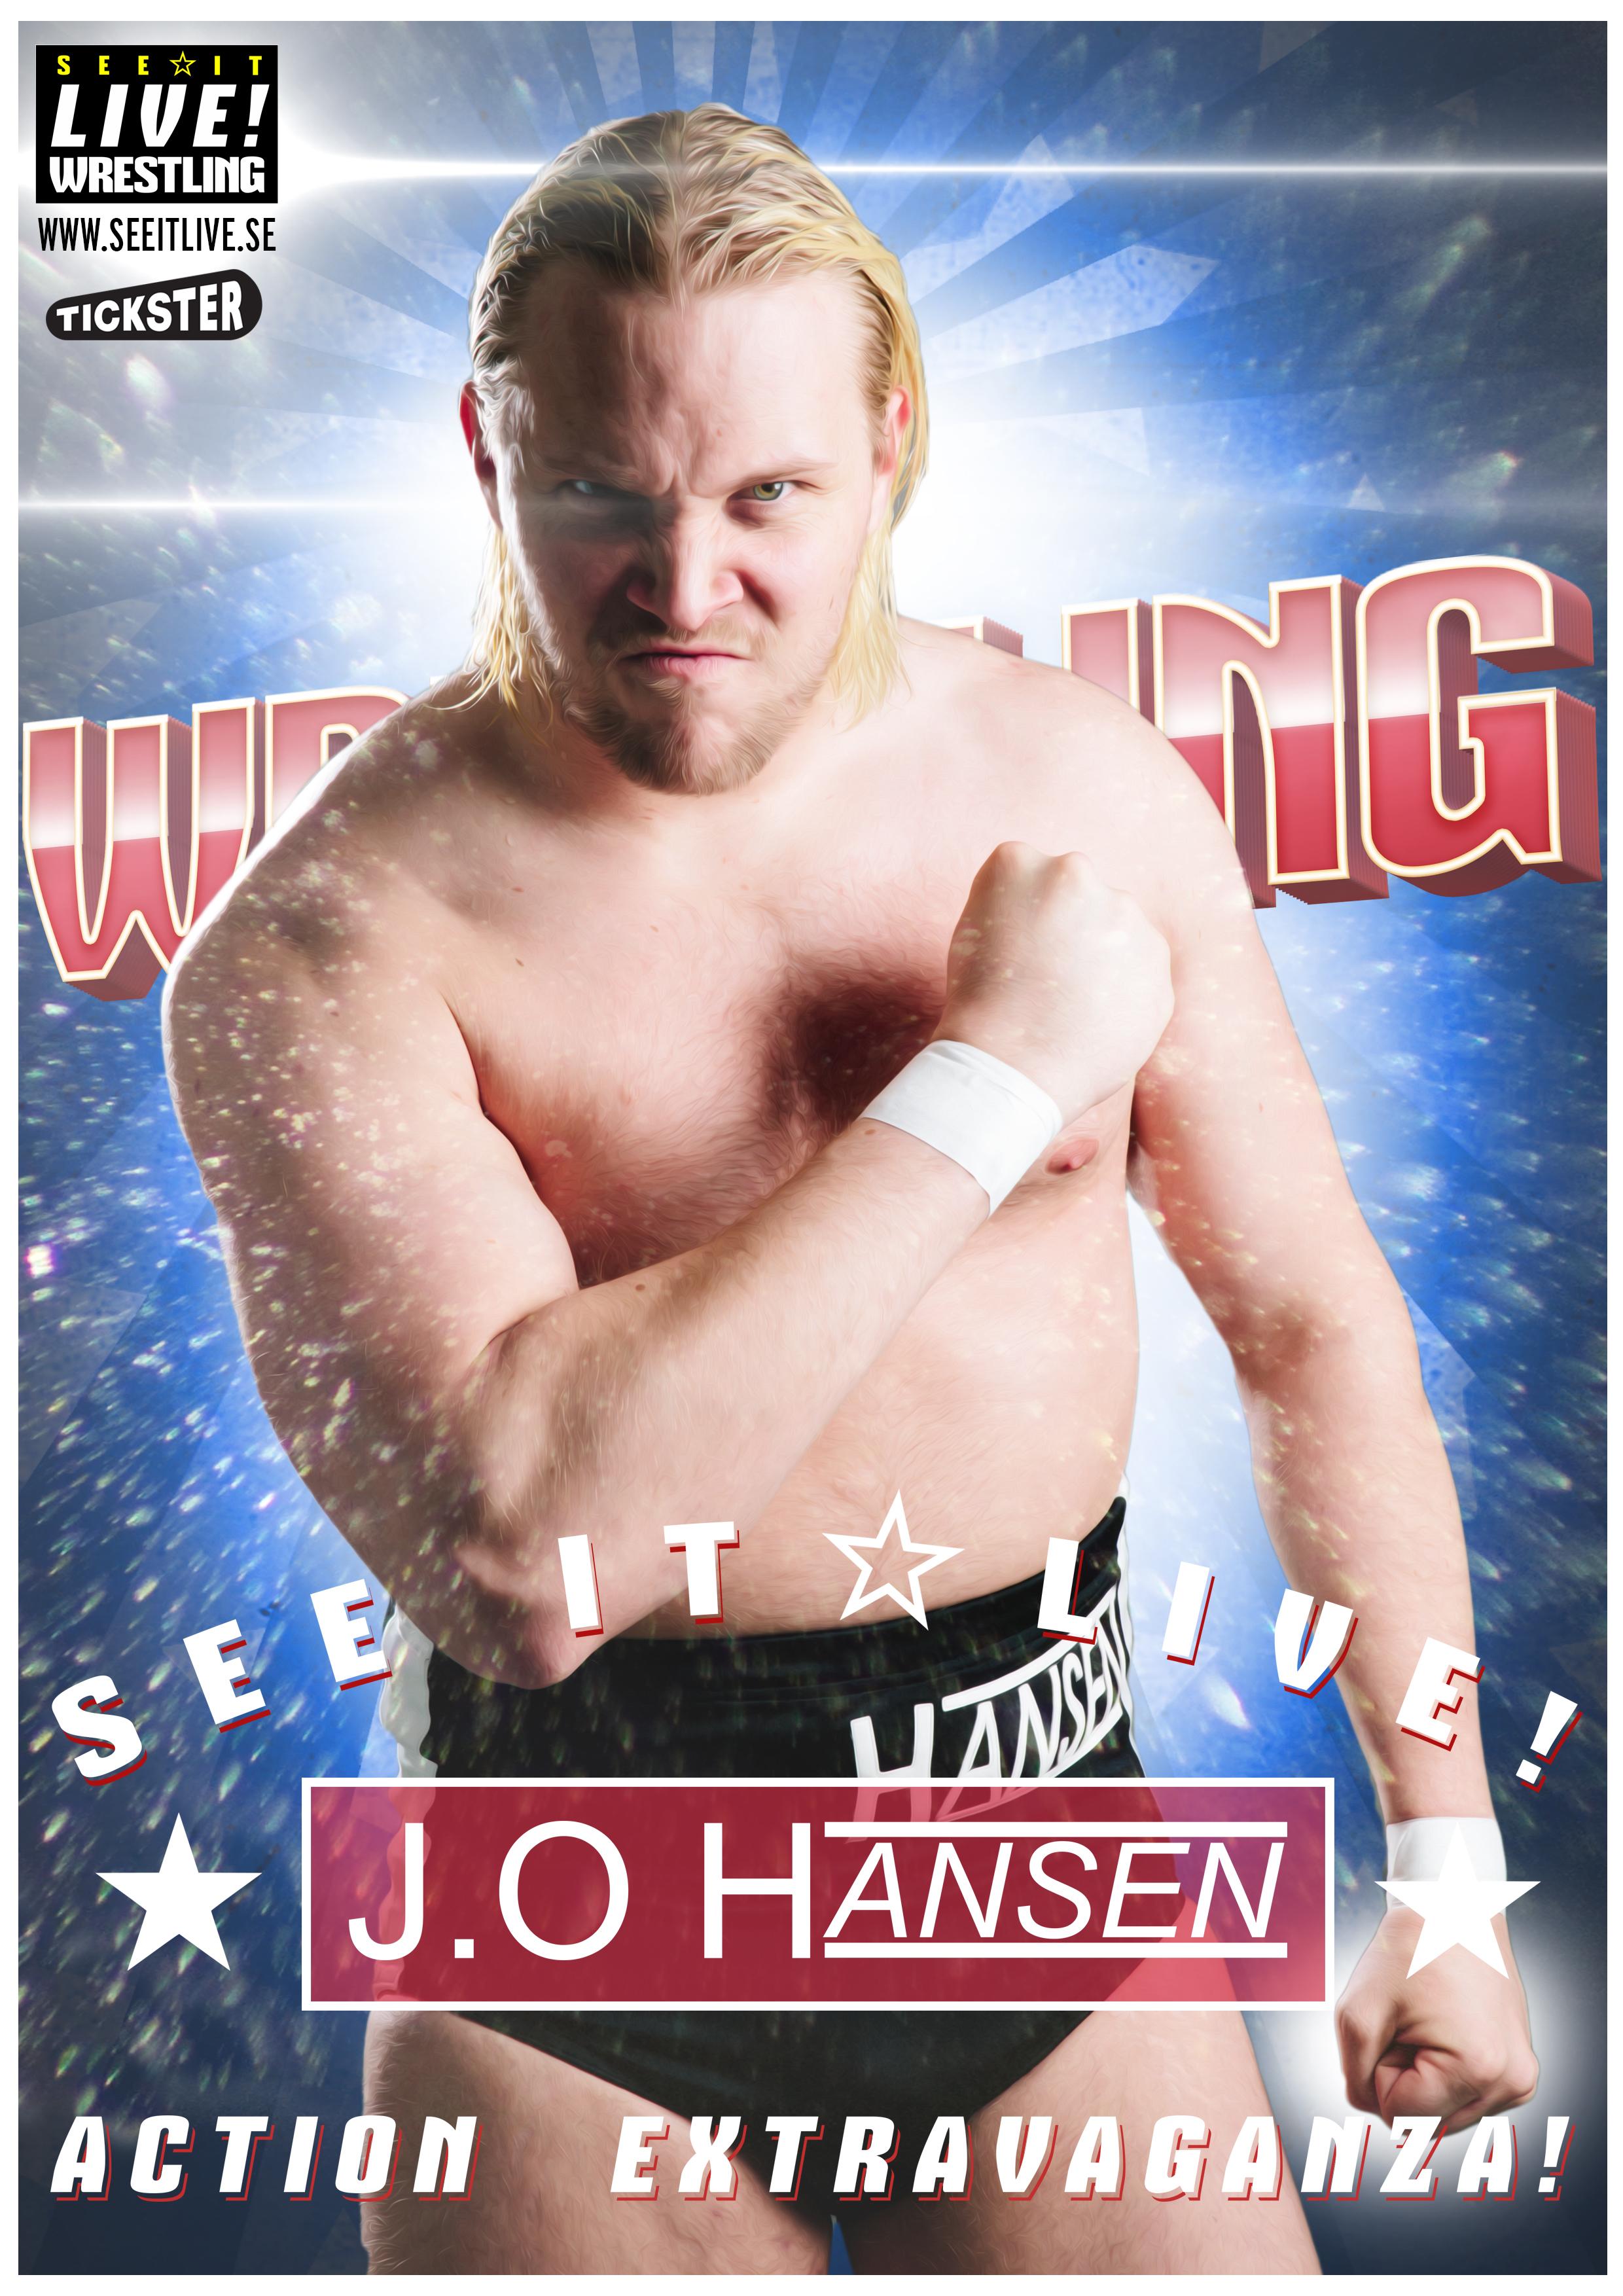 J.O Hansen